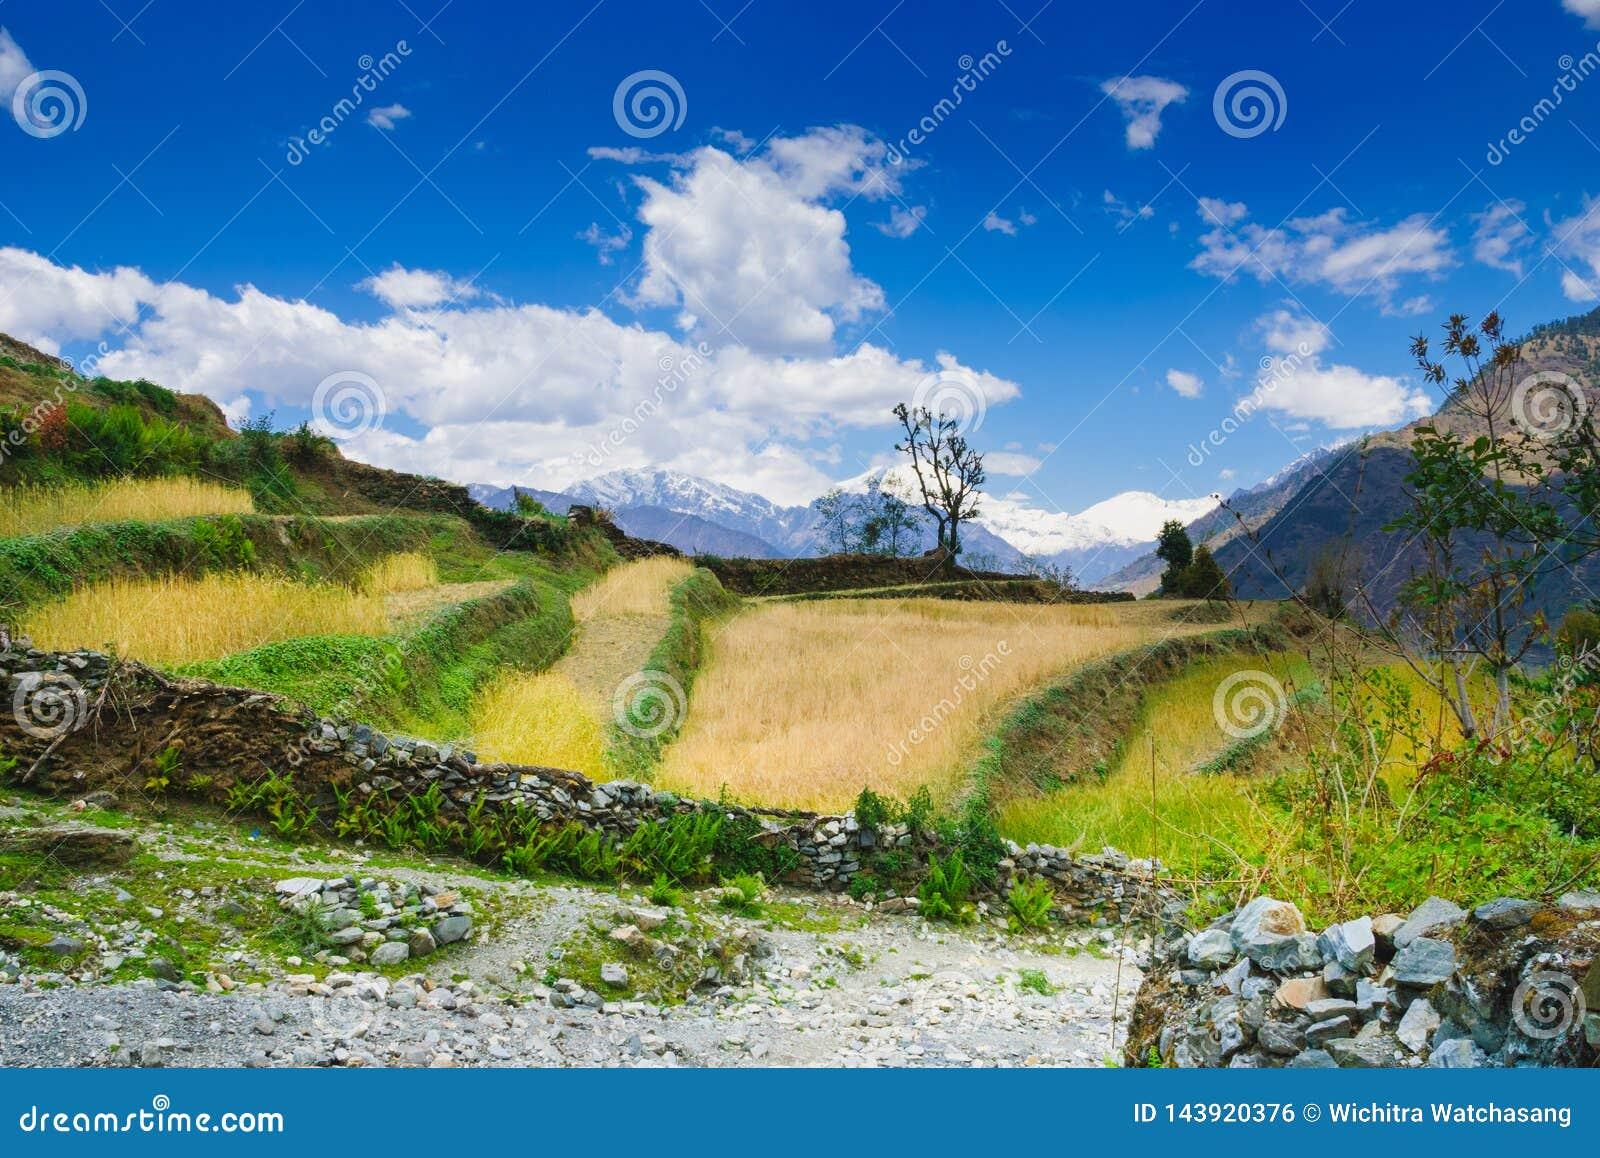 Βουνά κυκλωμάτων Annapurna, δημοφιλή ίχνη οδοιπορίας στο Νεπάλ